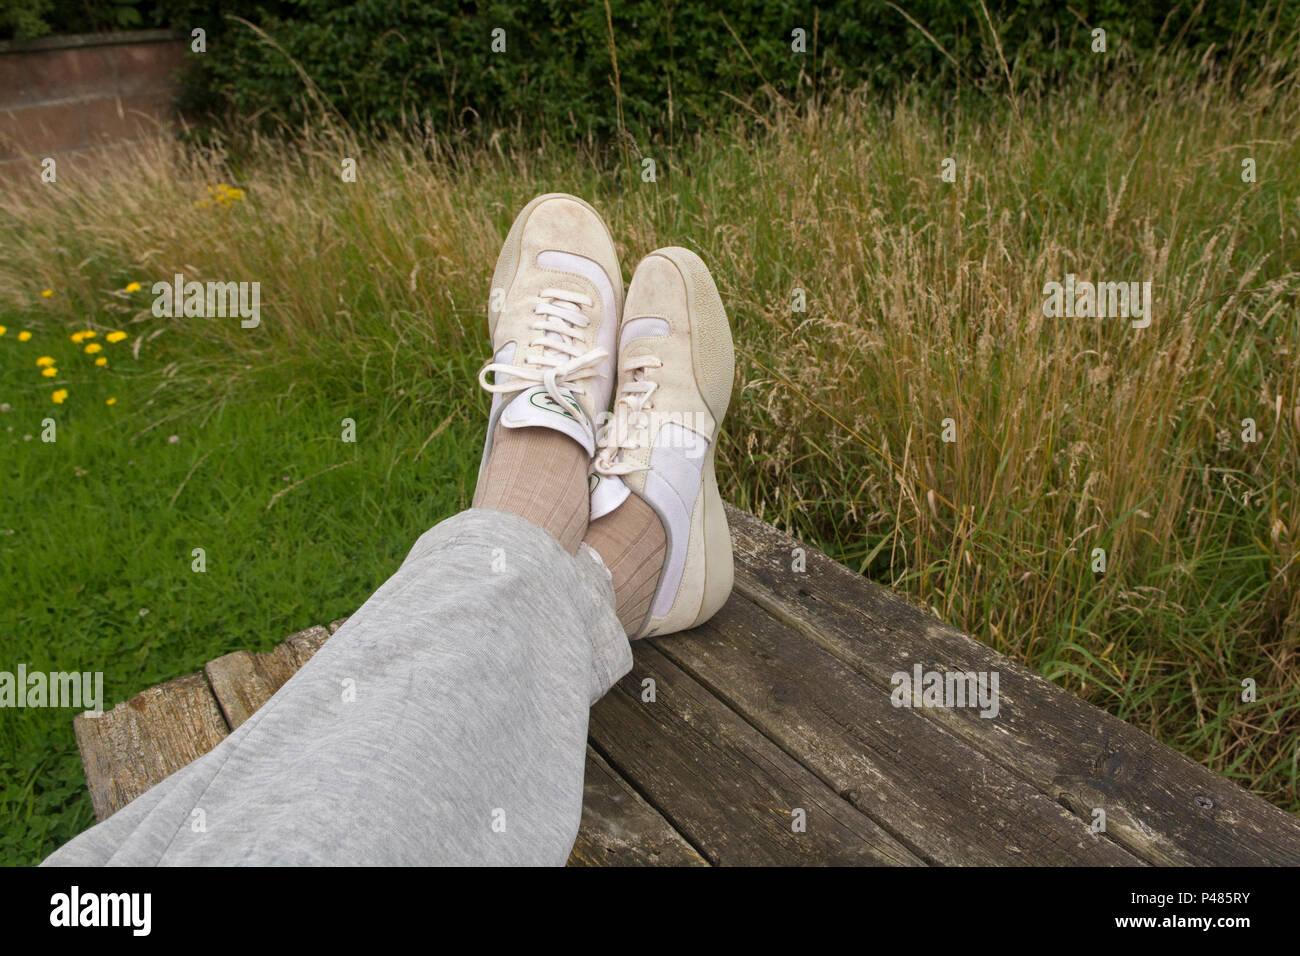 Sports paresseux personne avec des formateurs et des pieds au repos survêtement sur petite table Photo Stock